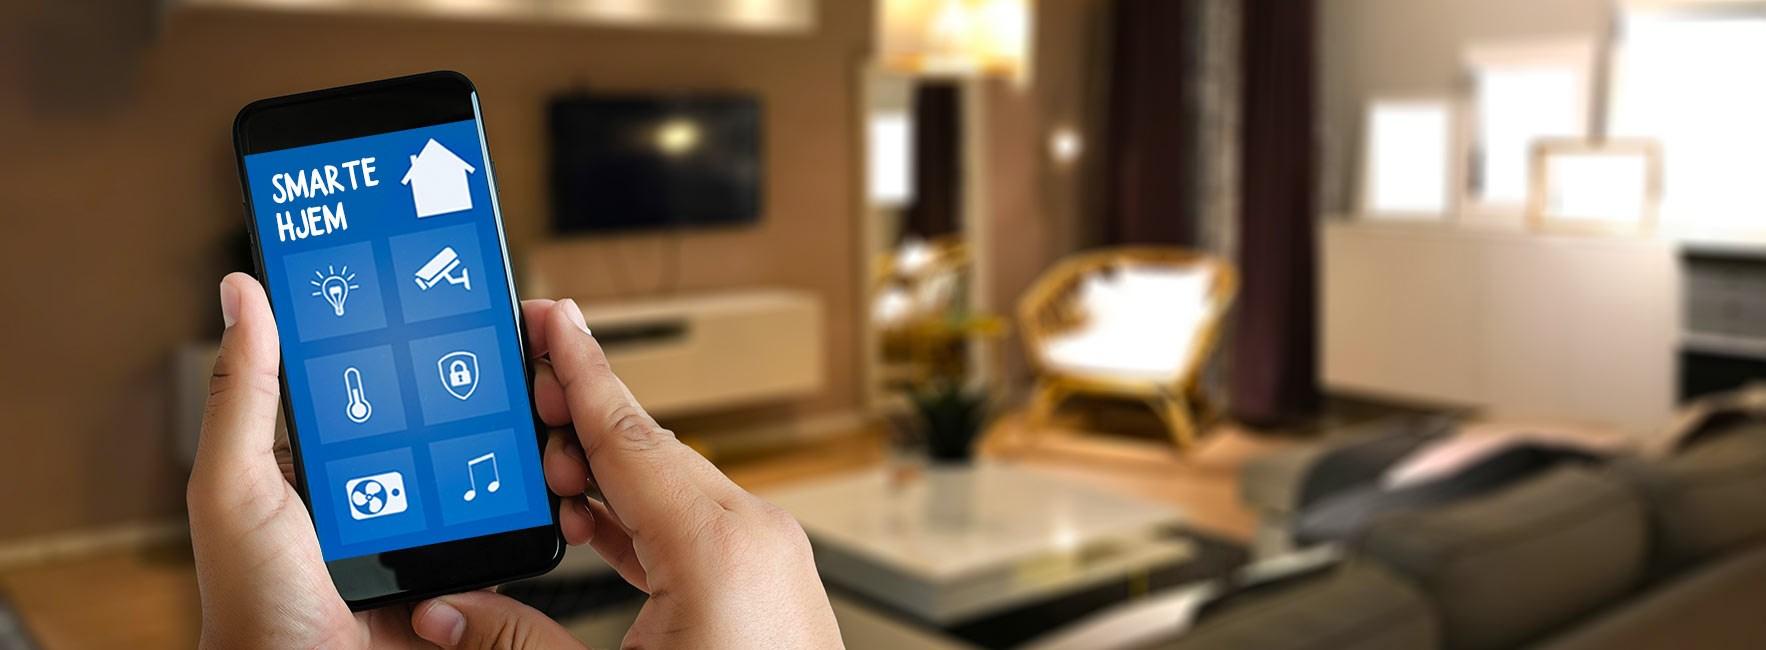 Lær deg mer om smarte hjem